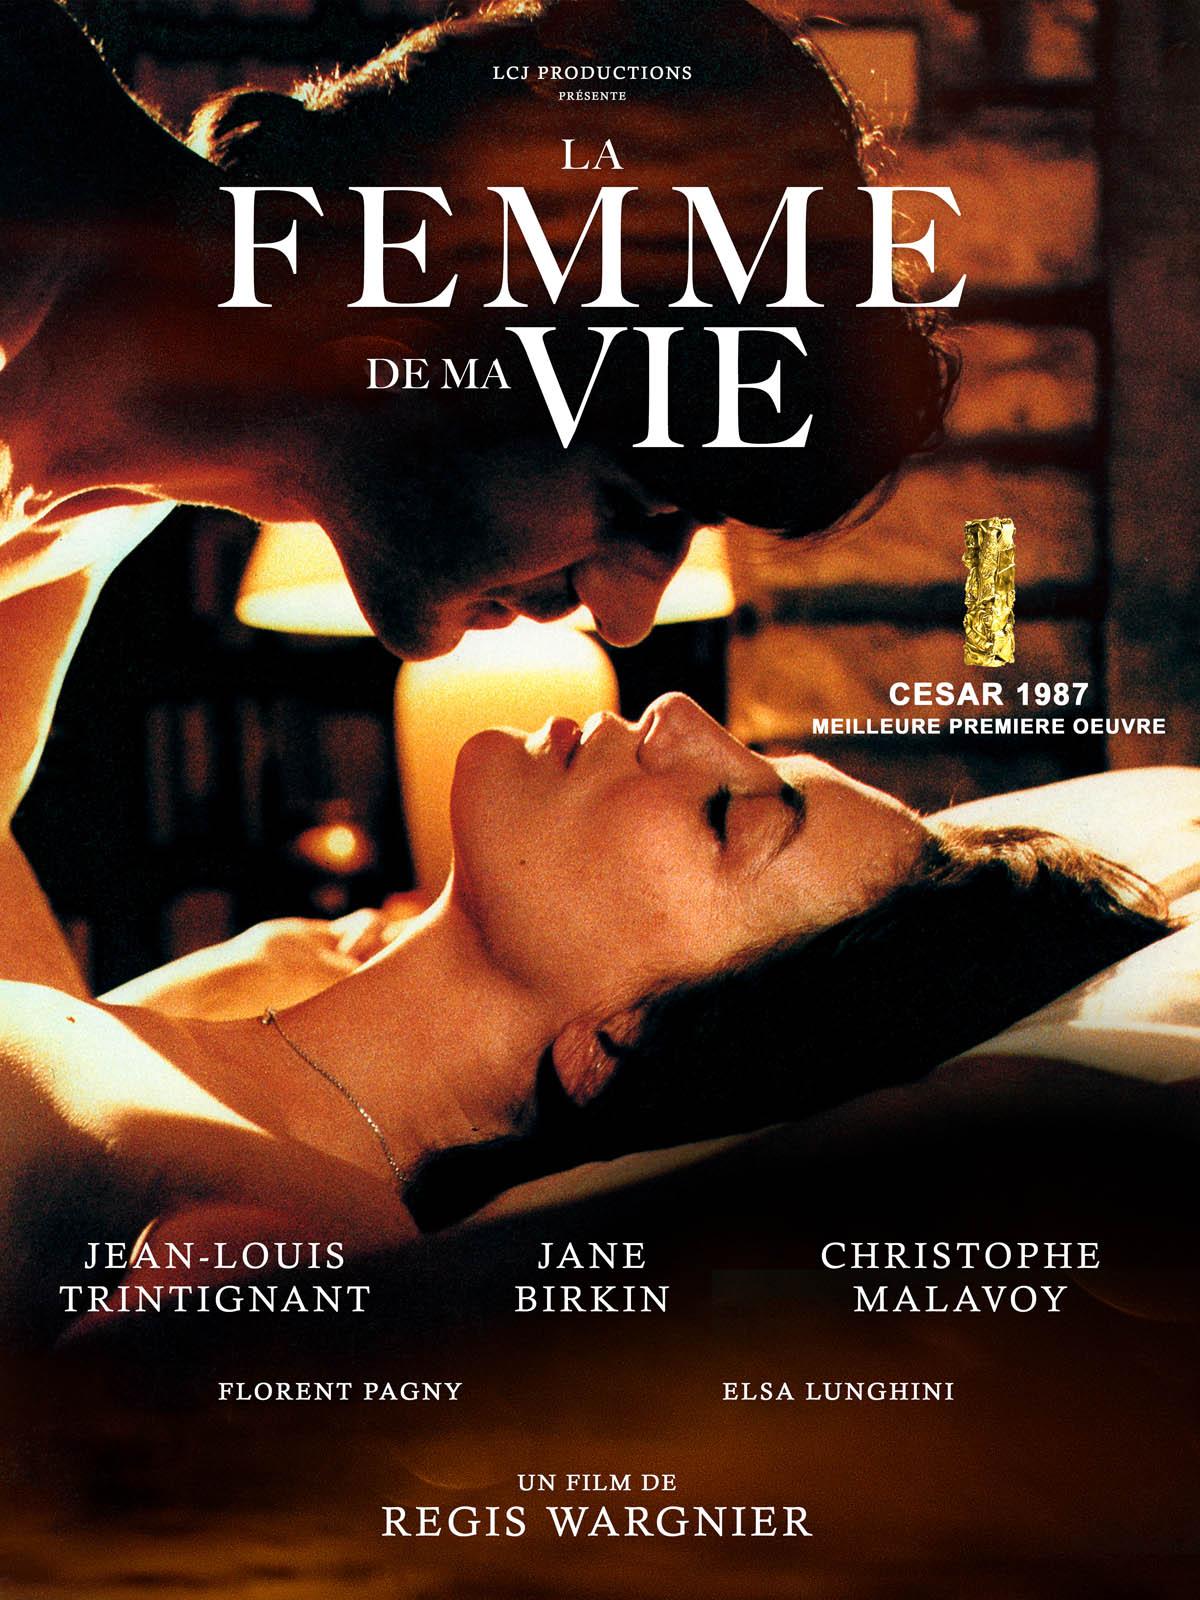 La Femme de ma vie - film 1986 - AlloCiné